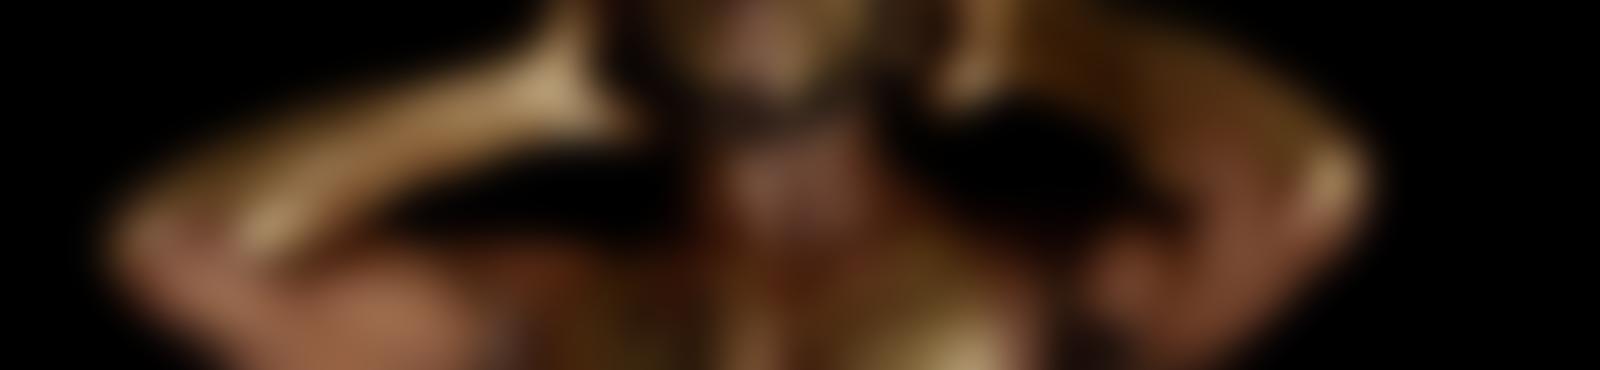 Blurred e5ccd475 5ab8 4e3f b208 a8fdb653fecd